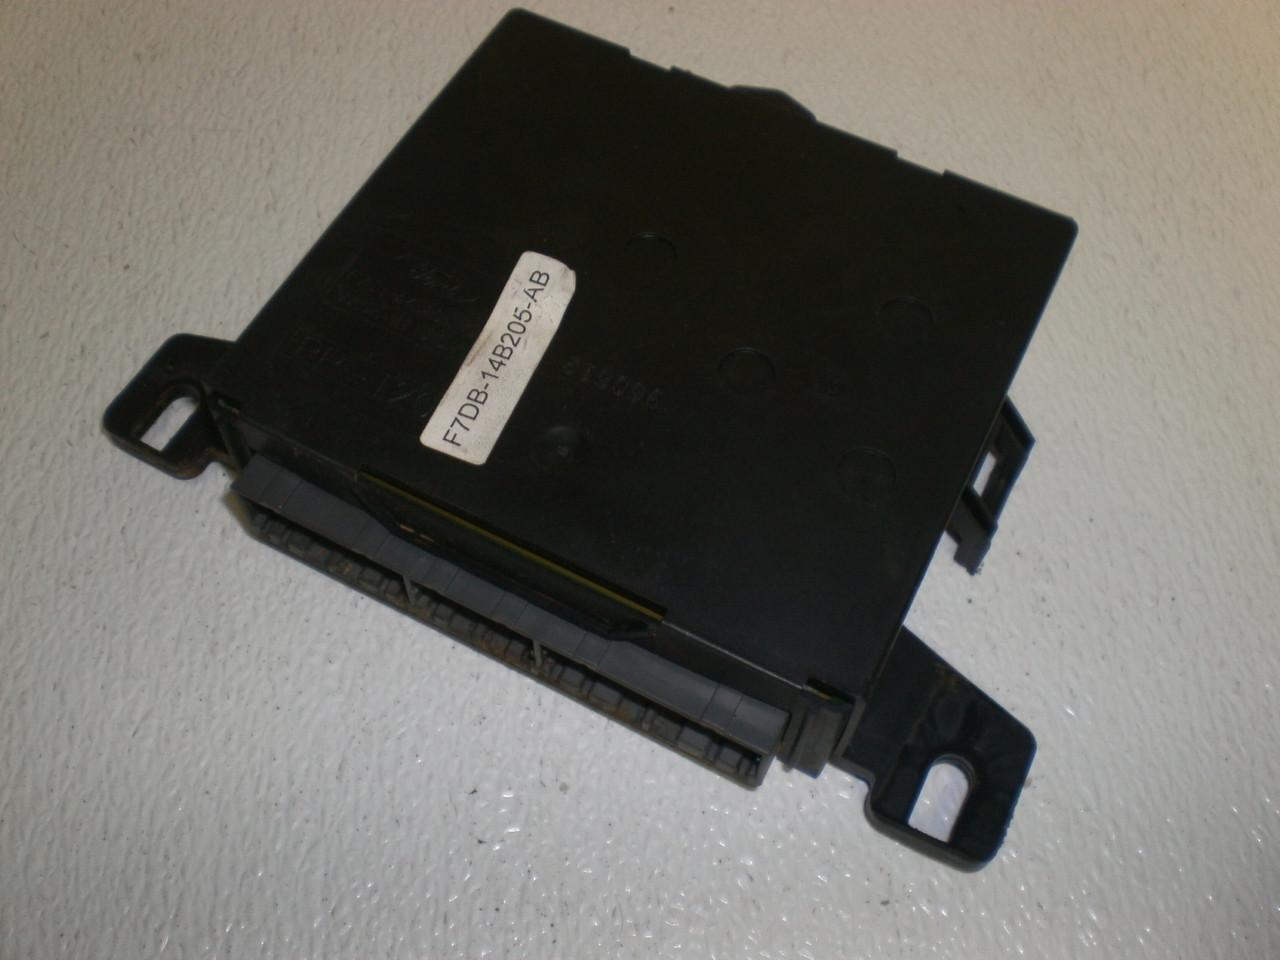 1996-1997 Ford Taurus Gem Module Under Fuse Box Chassis Control  F7DB-14B205-AB